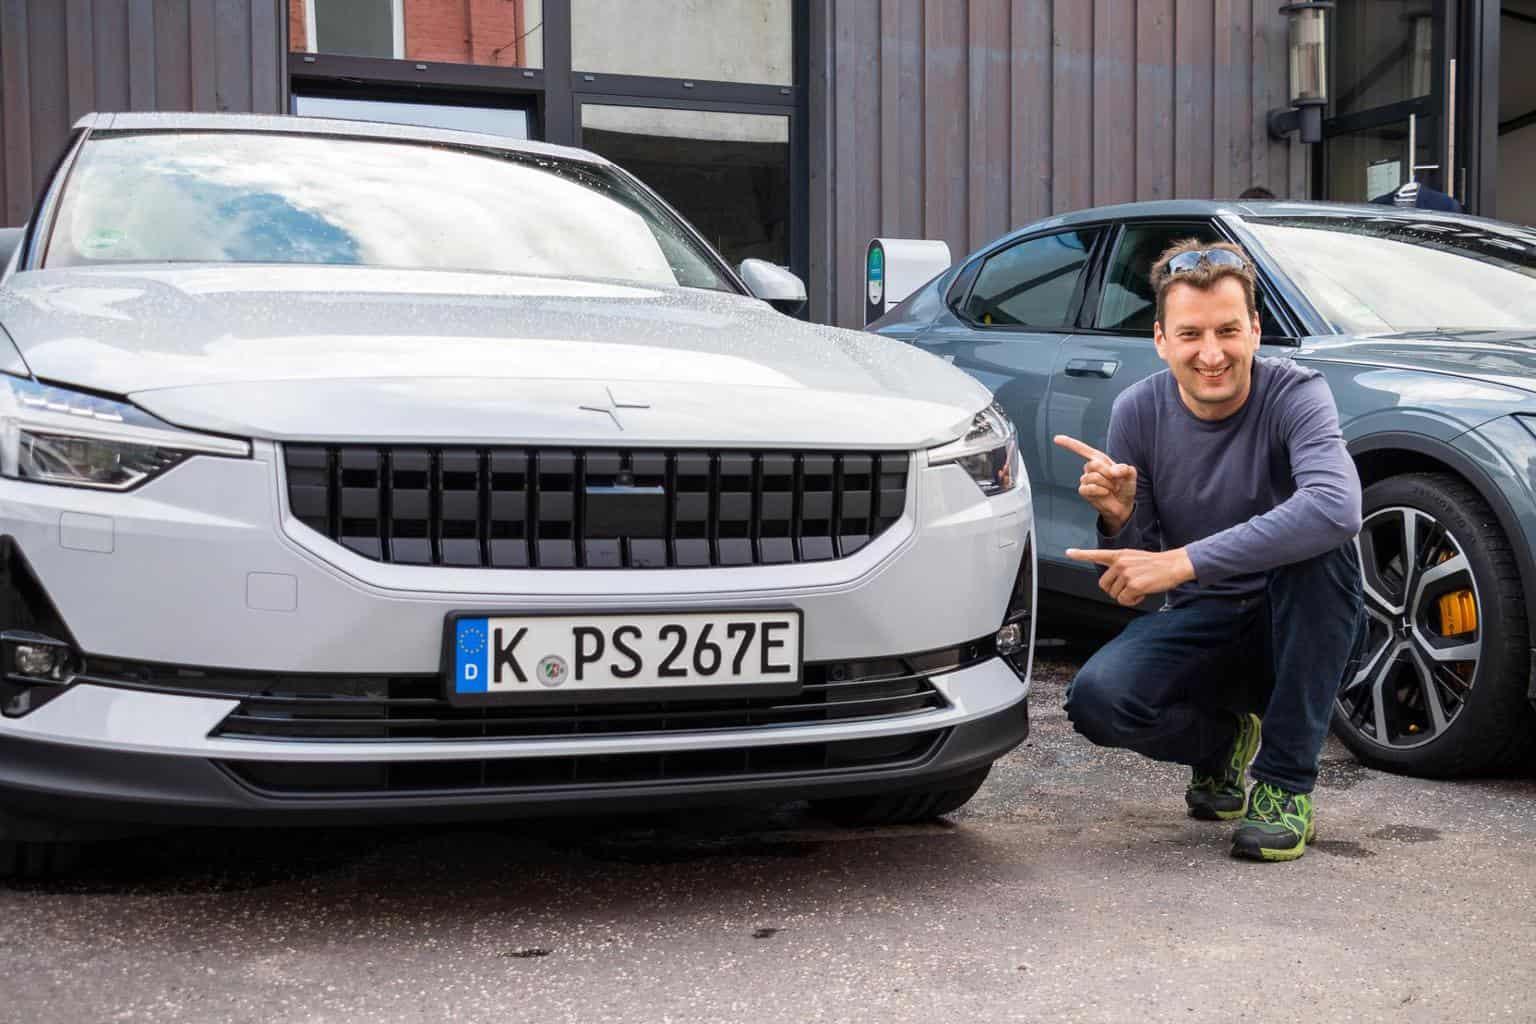 E-Mobilitätsexperte Stefan Moeller über seine Polestar 2 Erfahrungen